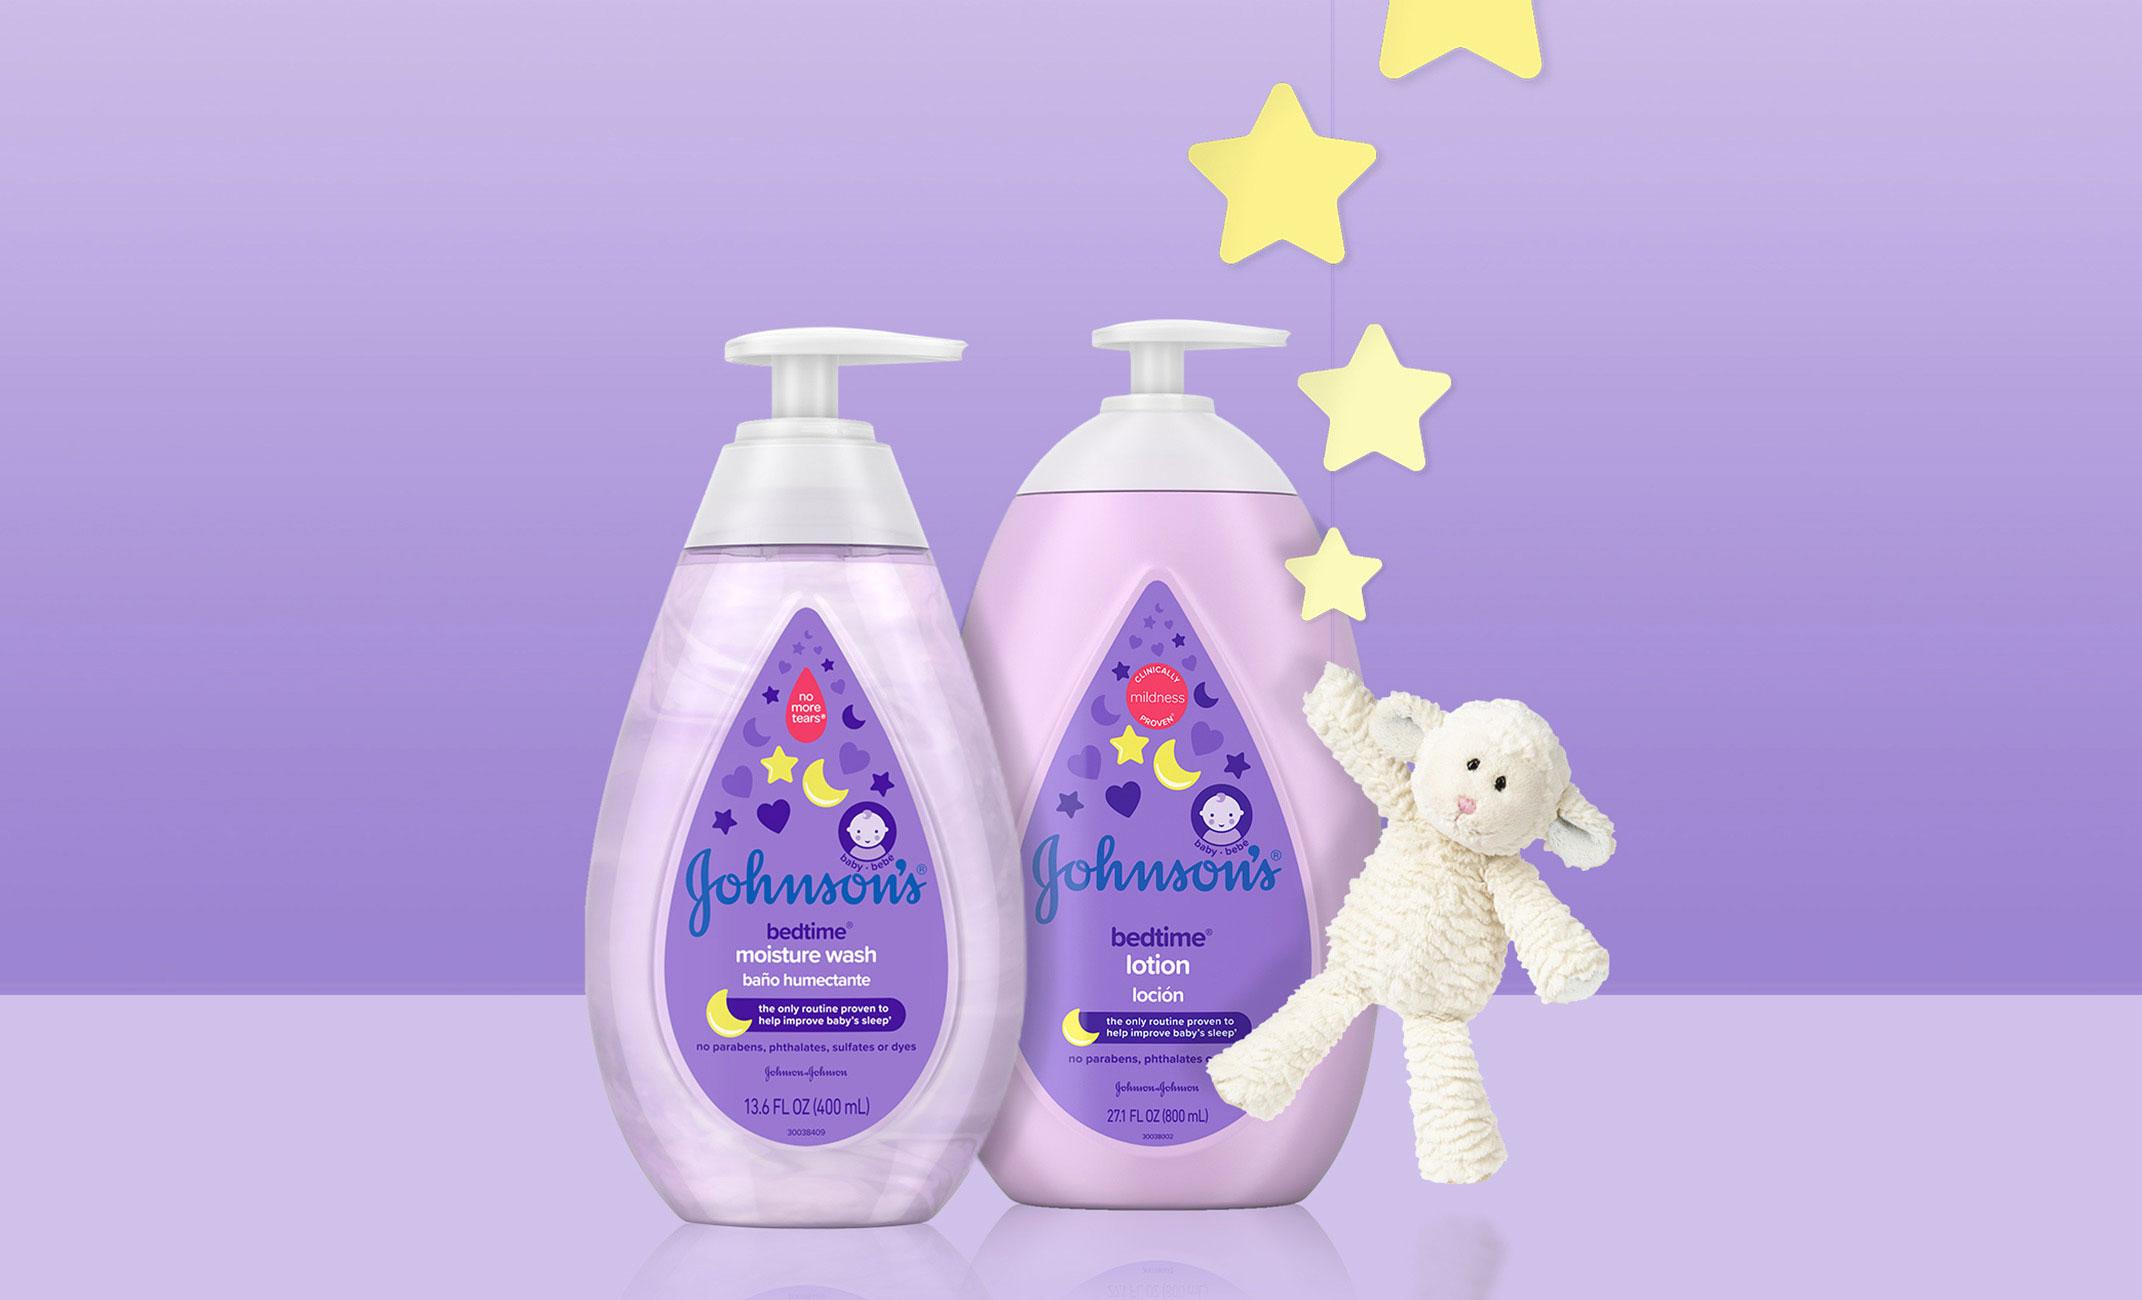 Jabón líquido humectante y loción para bebé Johnson's® Bedtime®